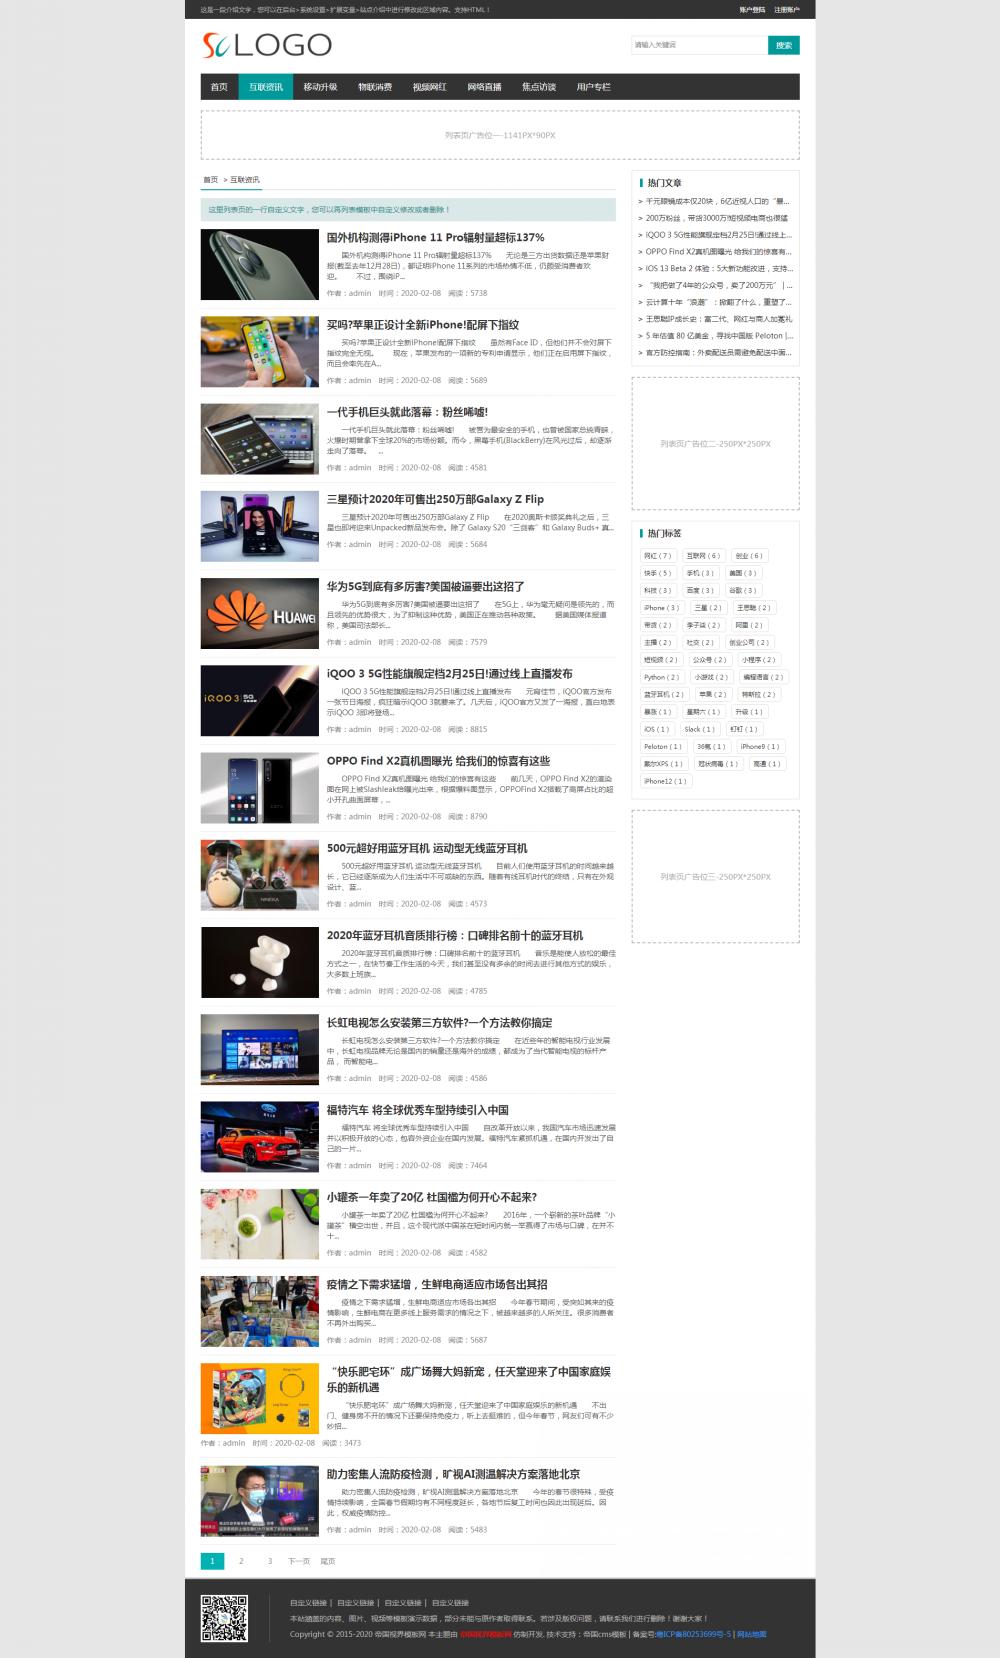 2新闻栏目页.png [DG-132]帝国CMS响应式黑色博客文章模板,自适应新闻文章资讯模板(带会员中心) 博客文章 第2张